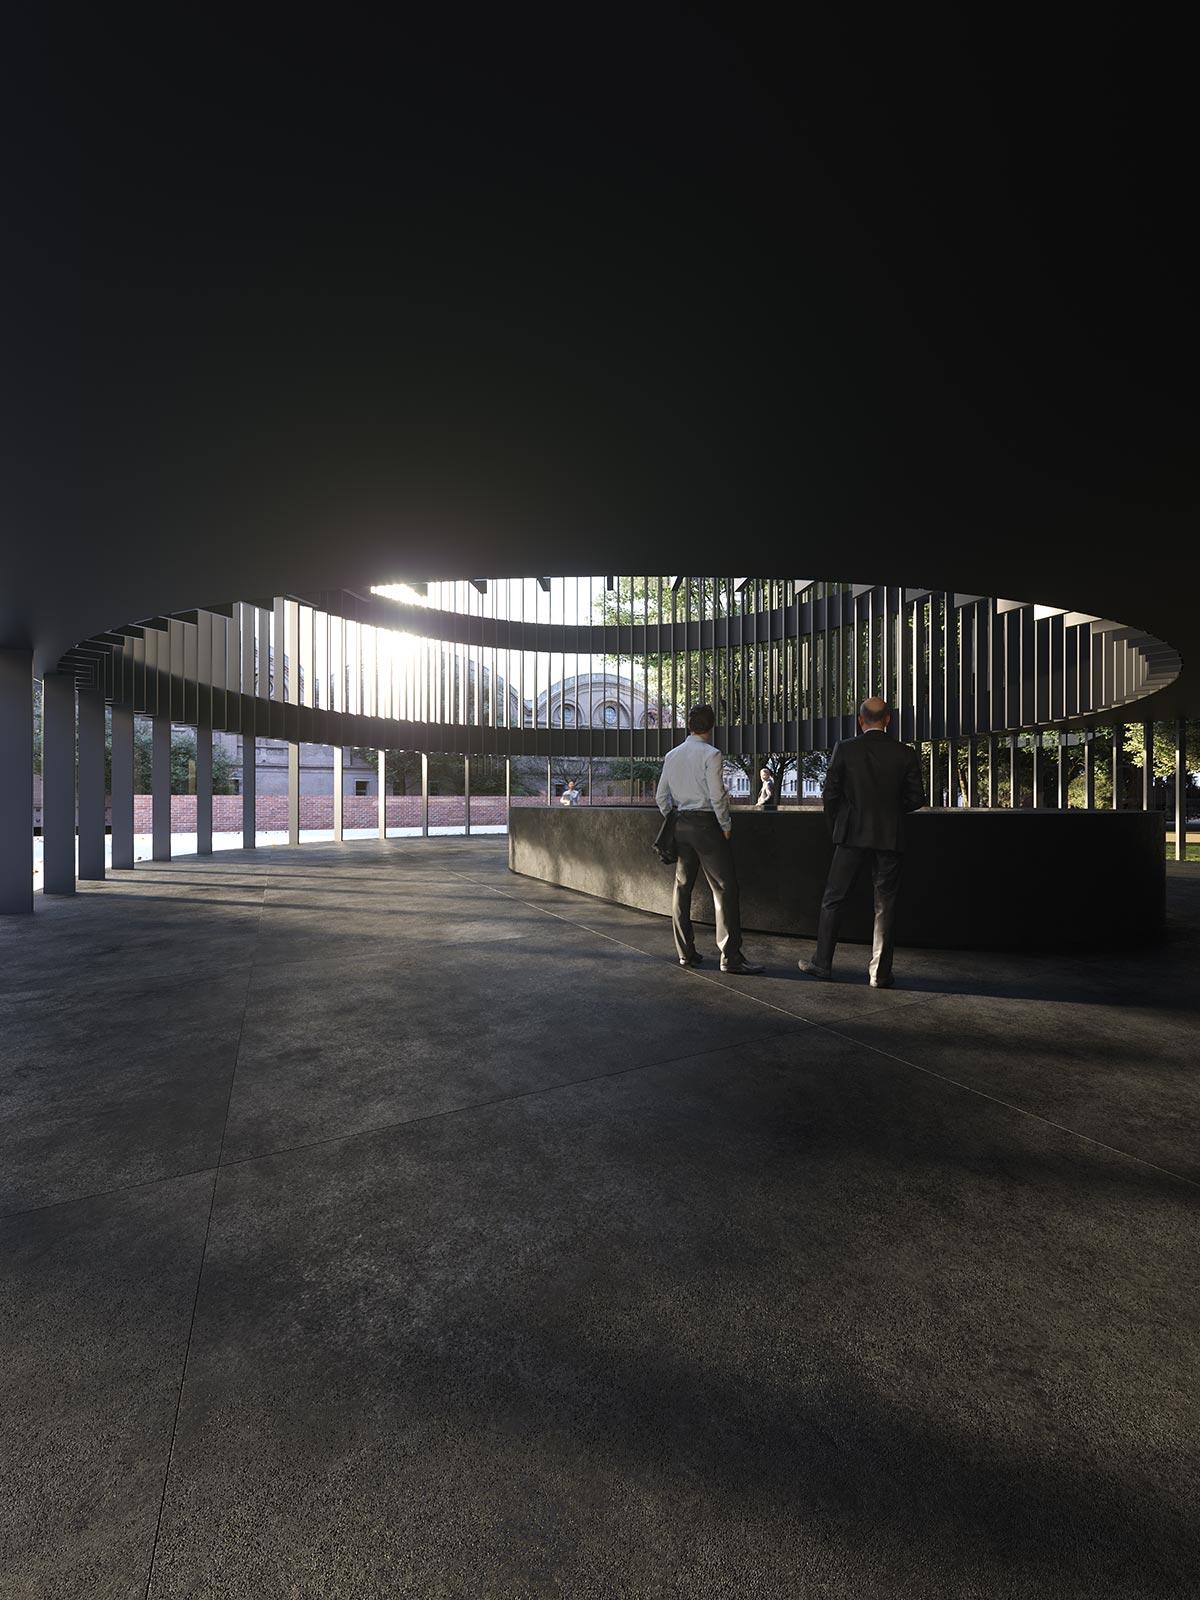 tamizo_architecture_houseing_mieszkaniowa_architektura_biura_office_builidng_lodz_06